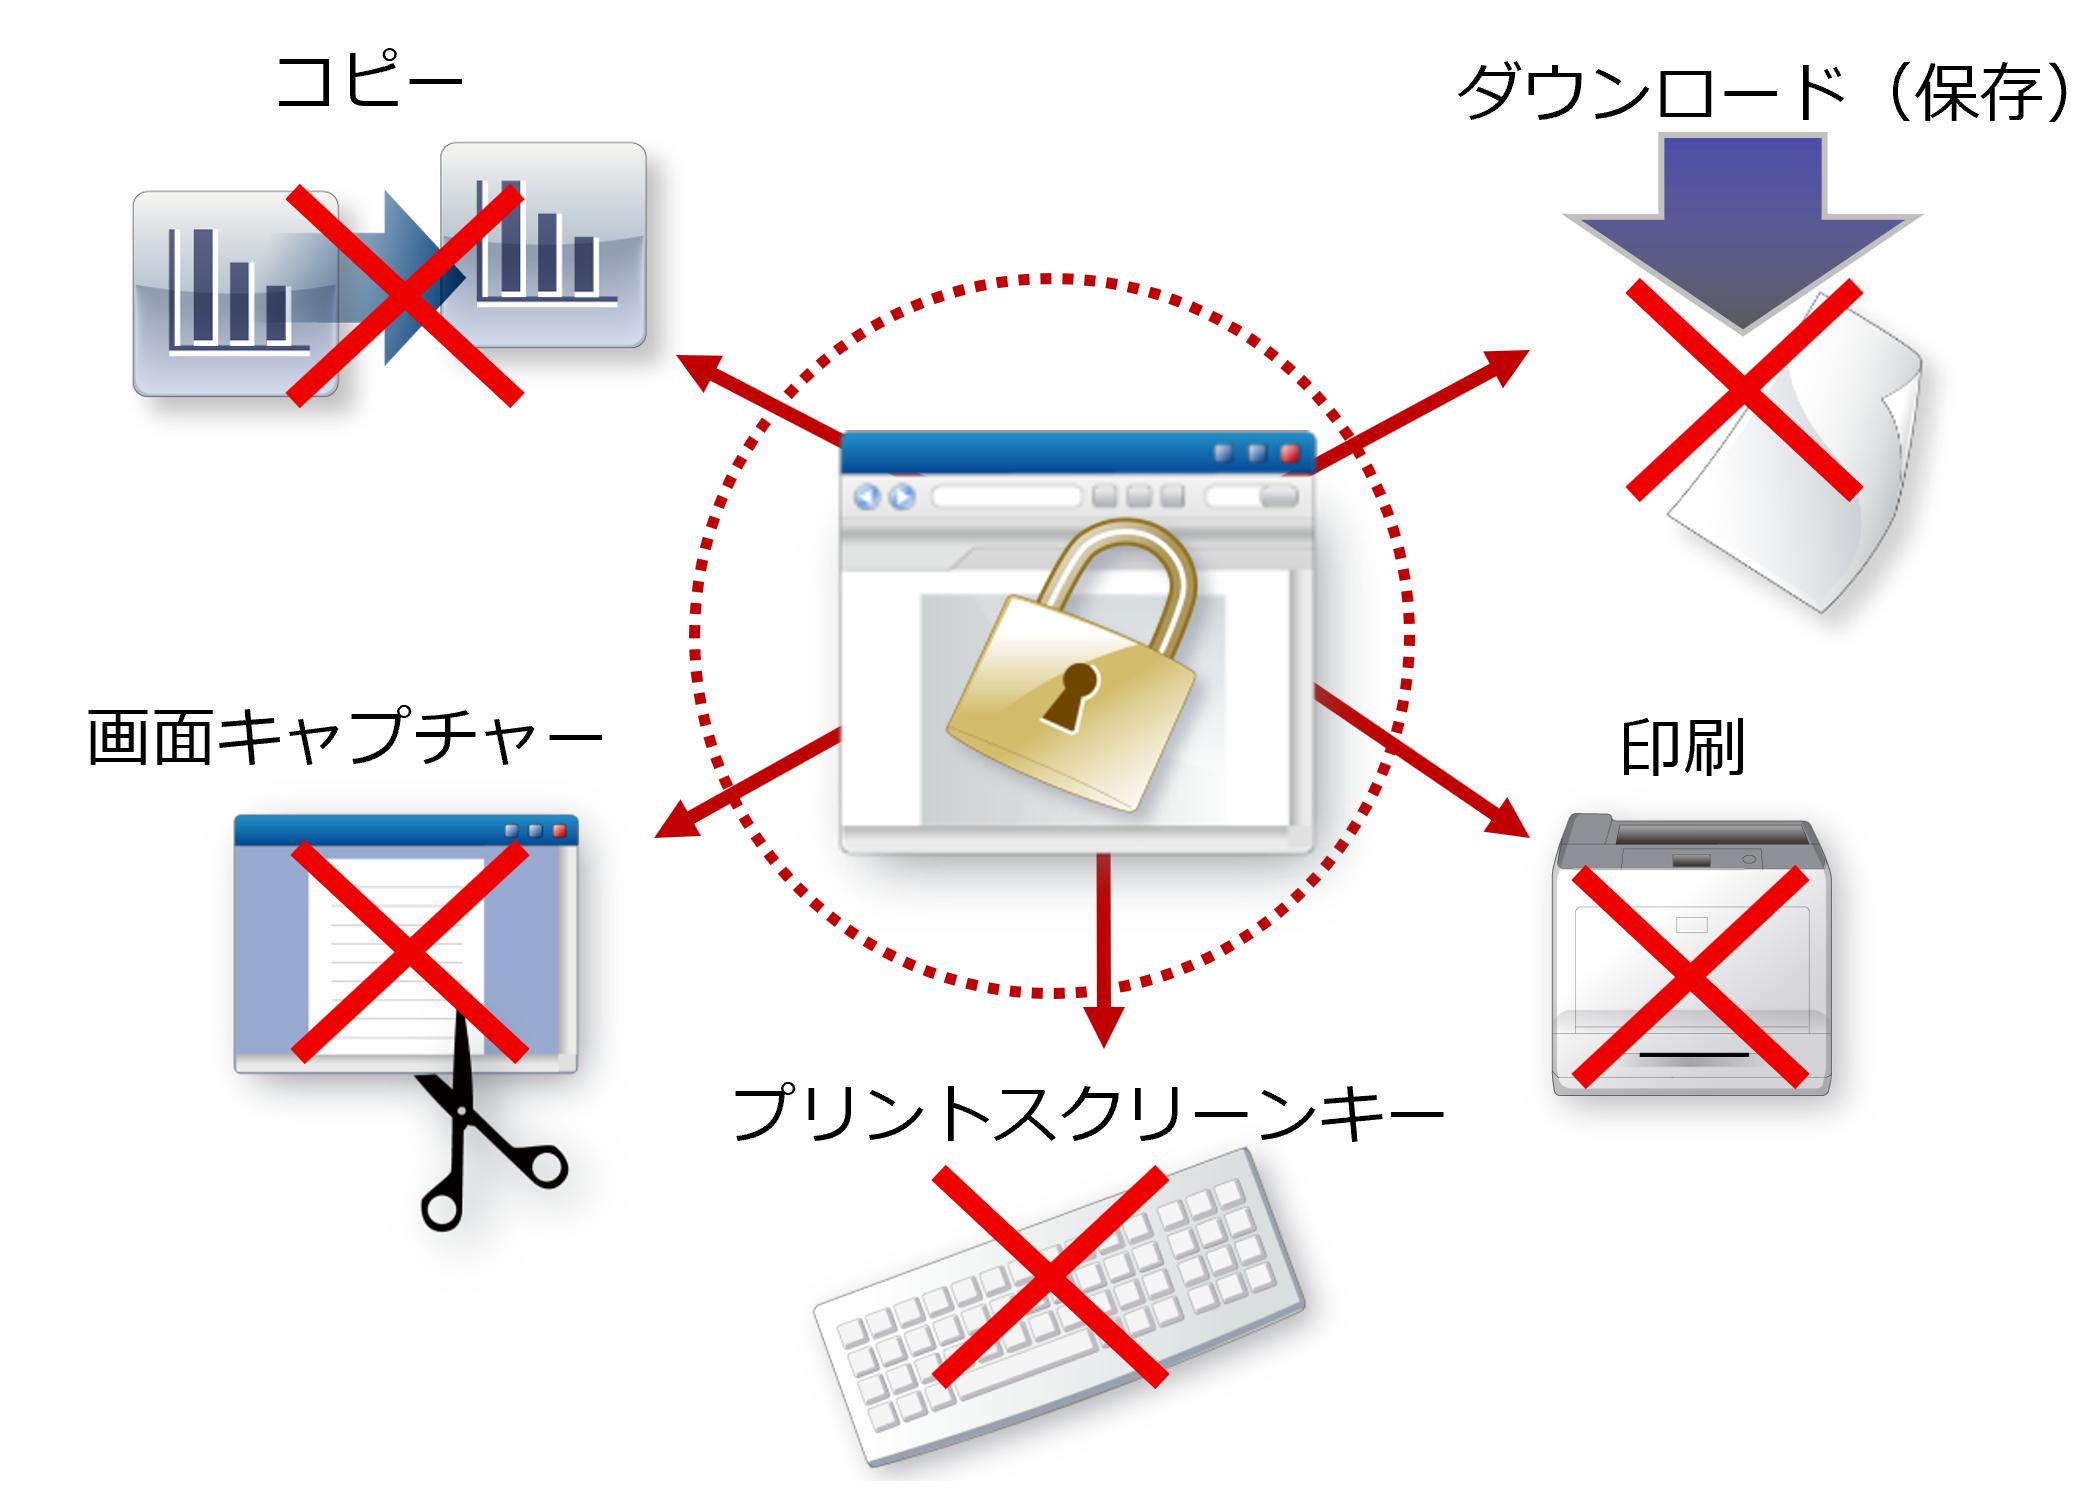 Webサイトからのダウンロード(保存)・コピー・印刷・画面キャプチャー・プリントスクリーンを禁止